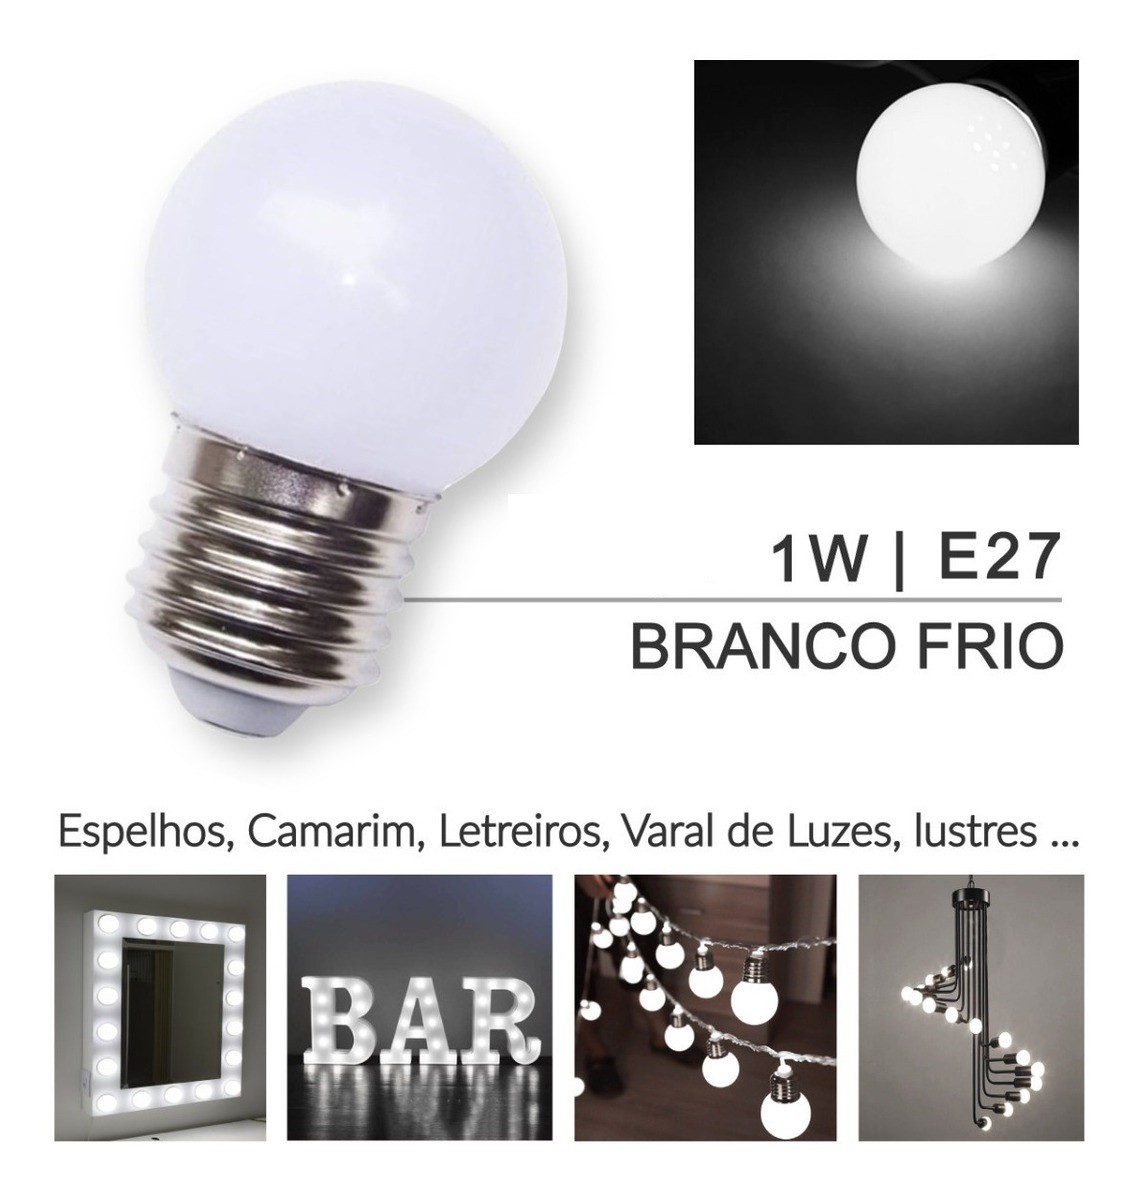 Lâmpada Bolinha Led 1w Branco Frio 127V